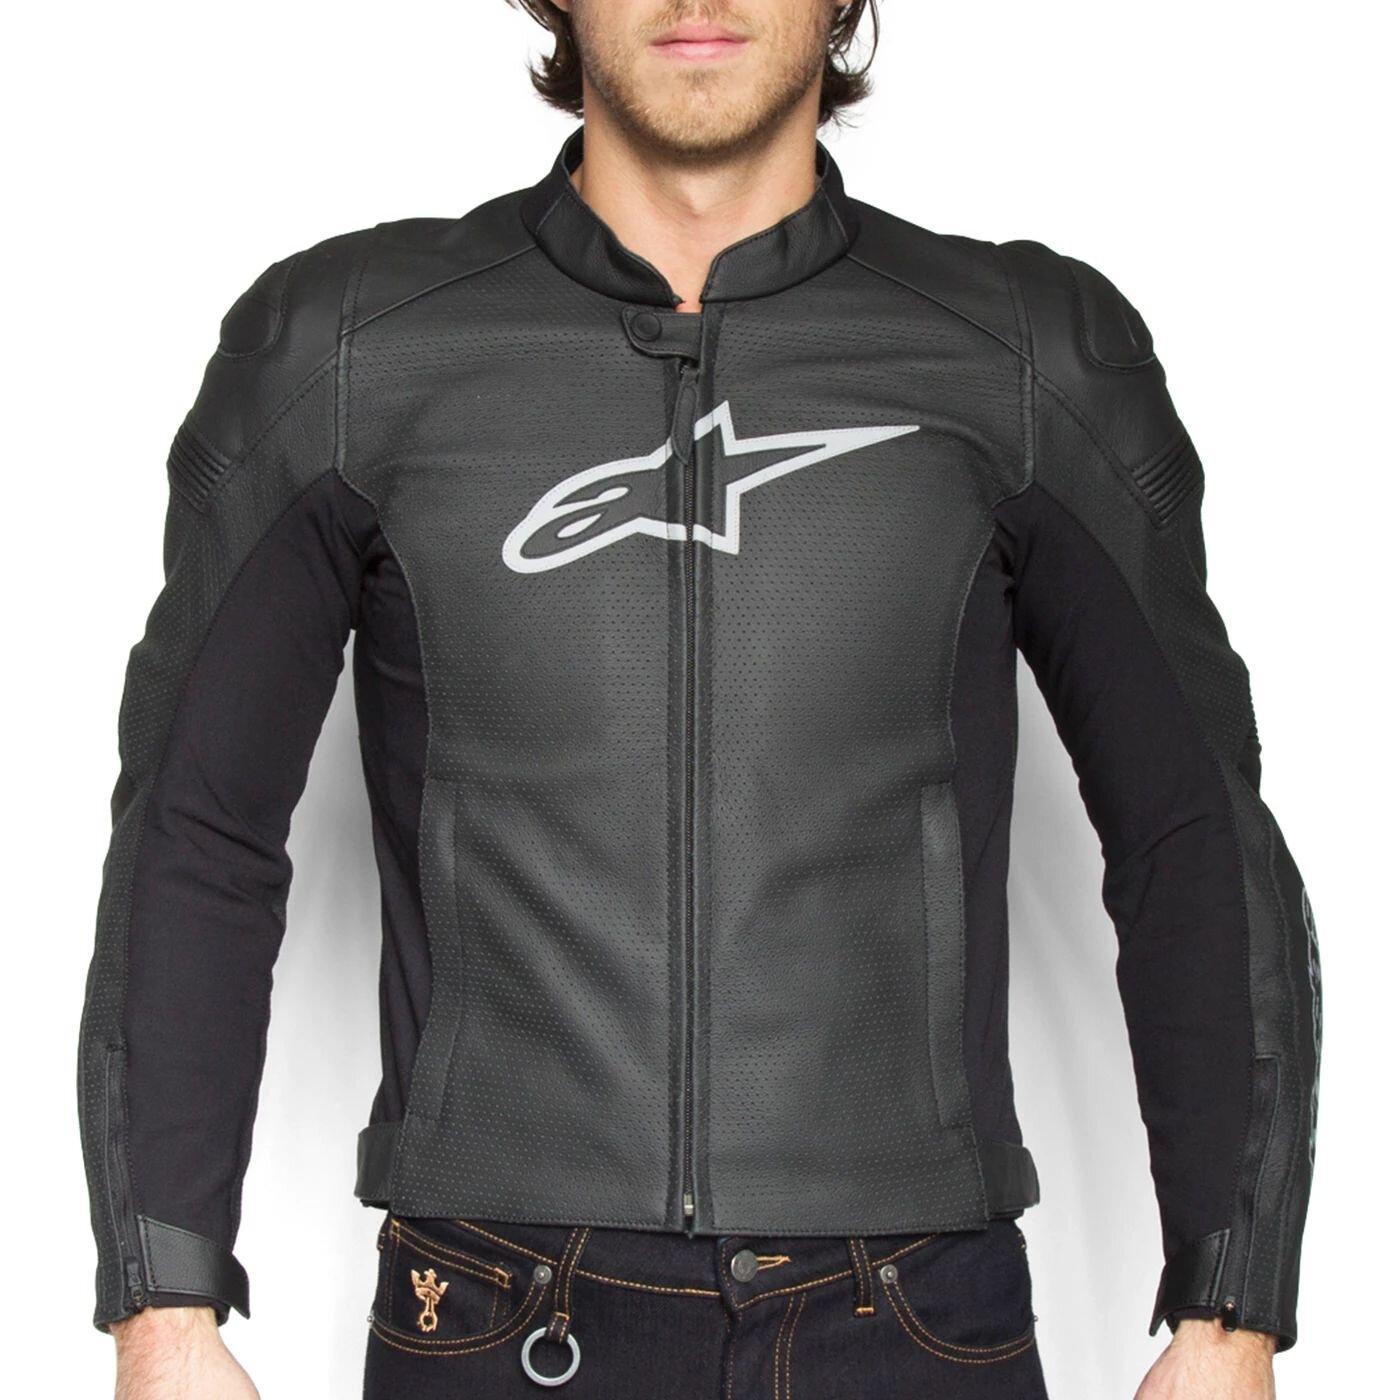 Tìm đến thương hiệu quần áo bảo hộ moto uy tín tại Bigbike